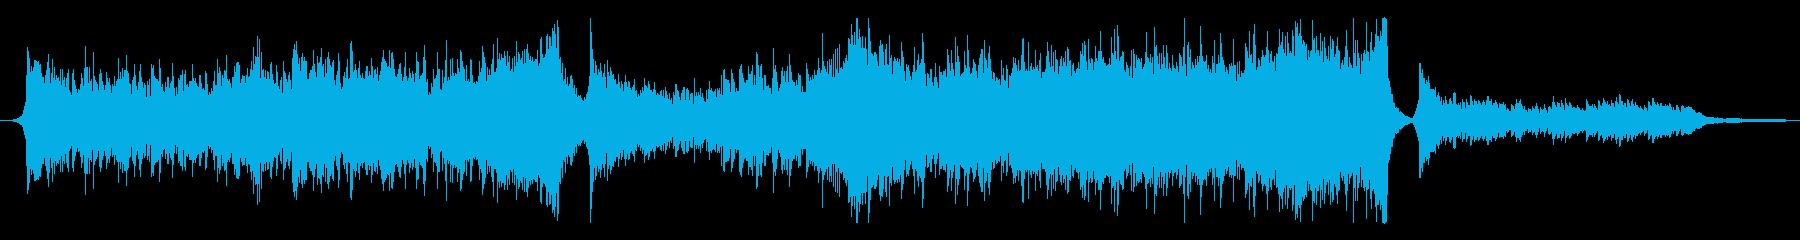 アドベンチャー系のシネマティックの再生済みの波形